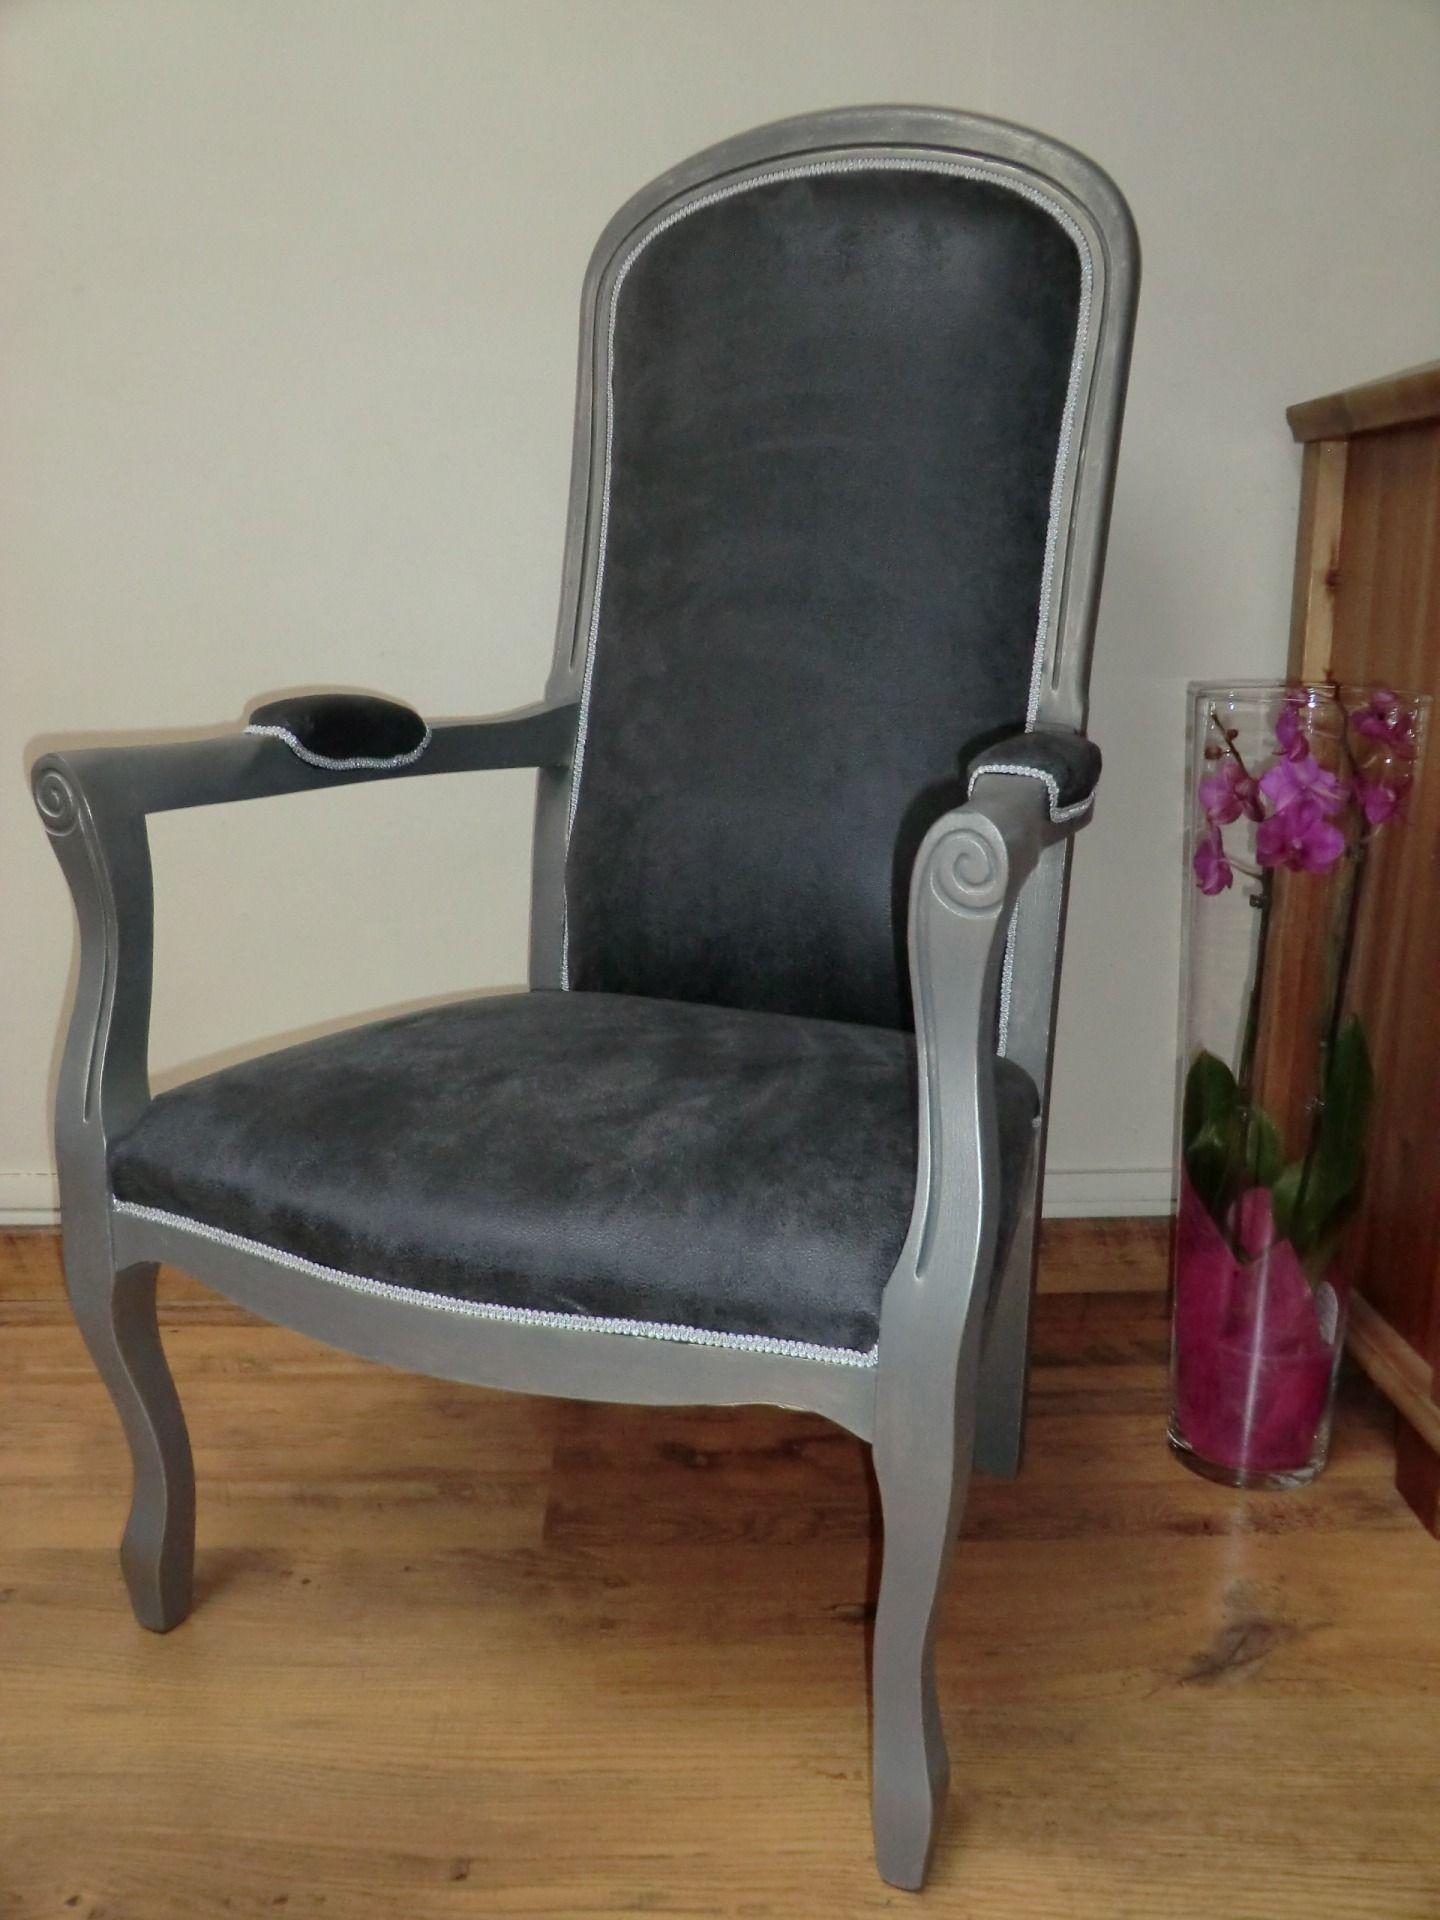 fauteuil de style voltaire gris et argent meubles et rangements par fariboles et bricoles. Black Bedroom Furniture Sets. Home Design Ideas